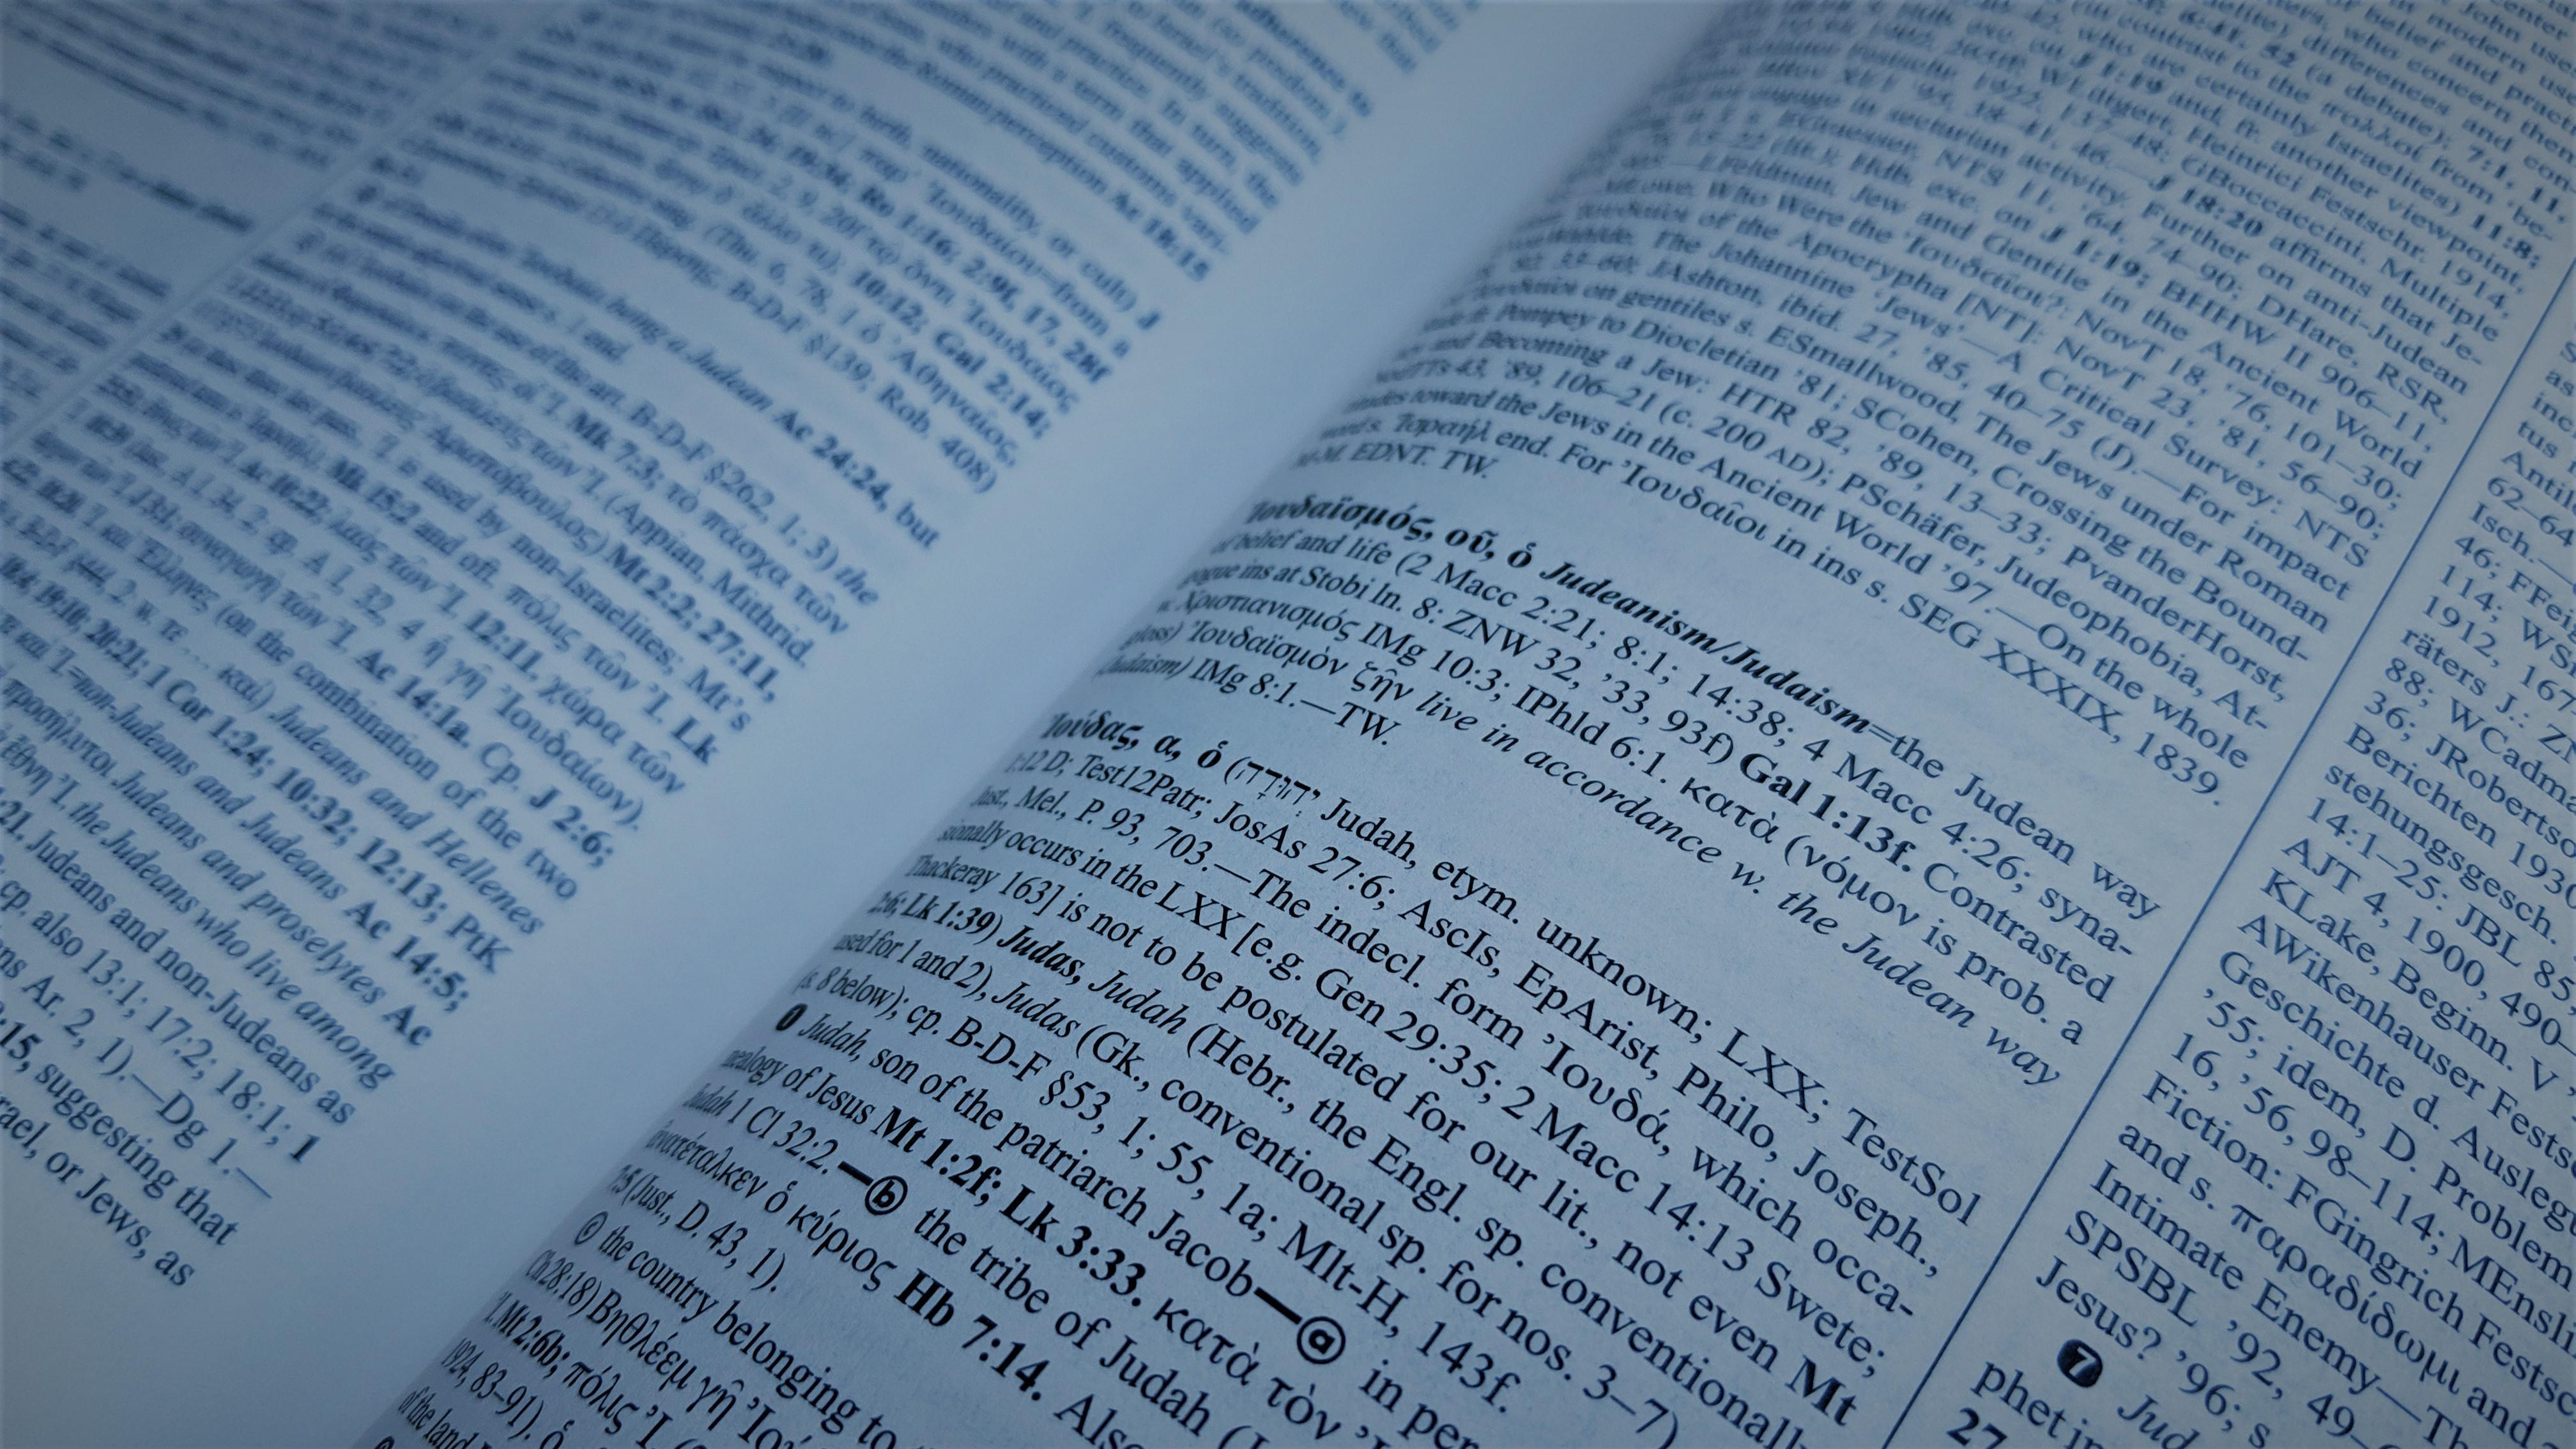 Danker's NT Lexicon